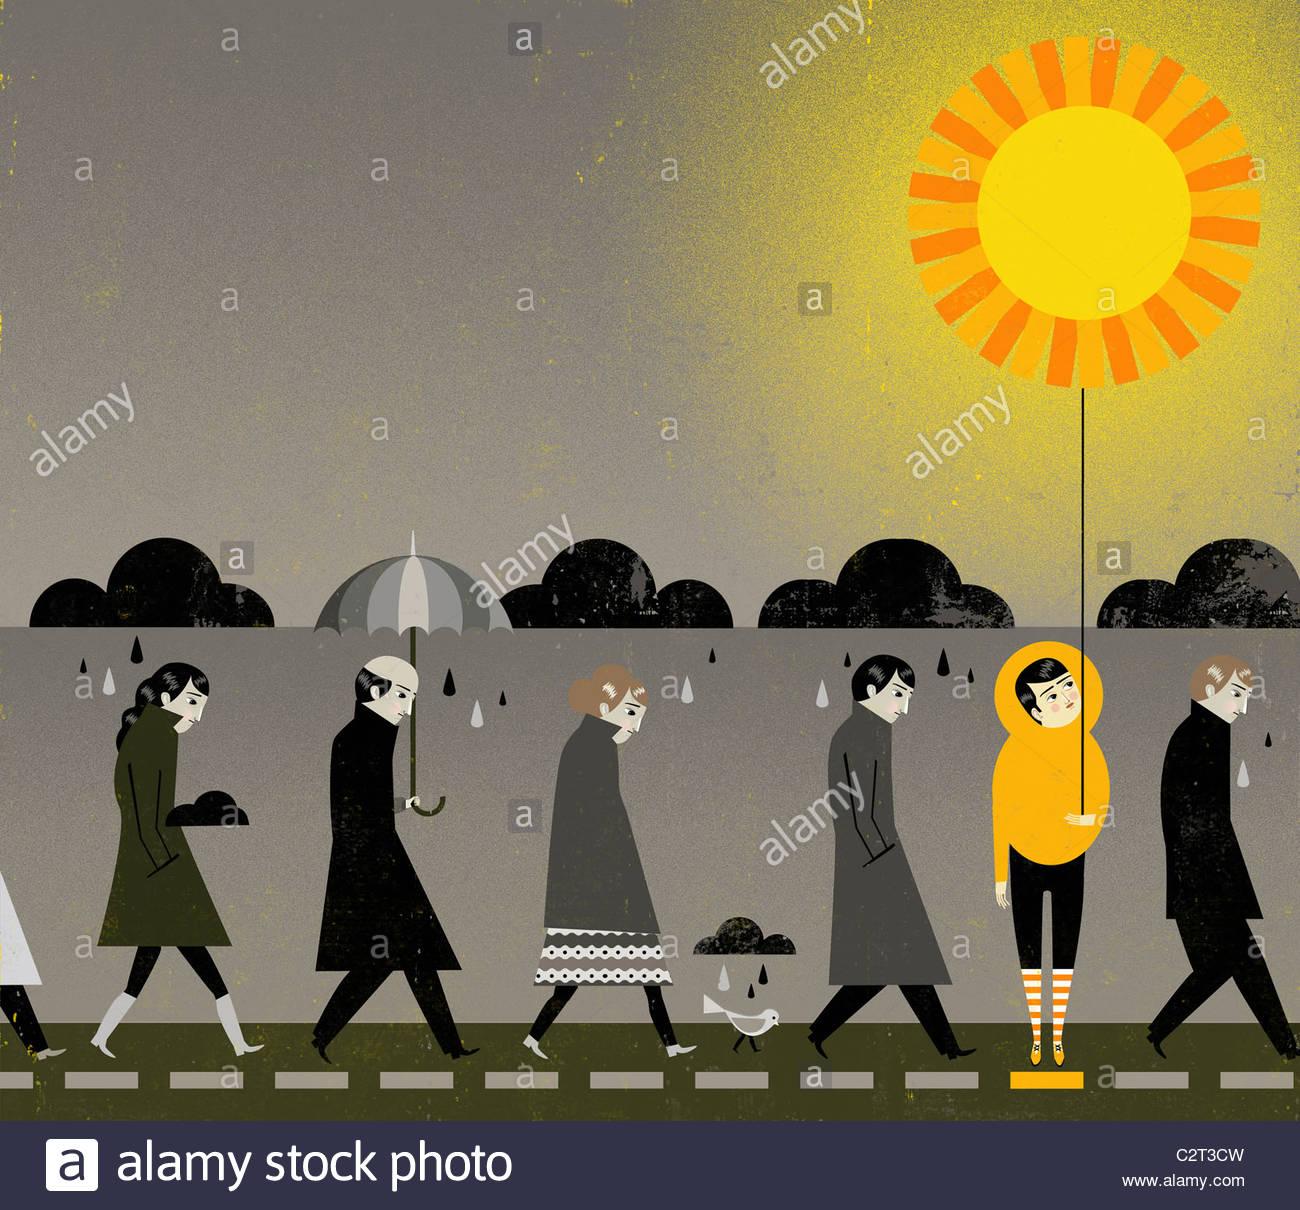 Les personnes de moins de nuages de pluie, un ballon en forme de soleil holding Photo Stock